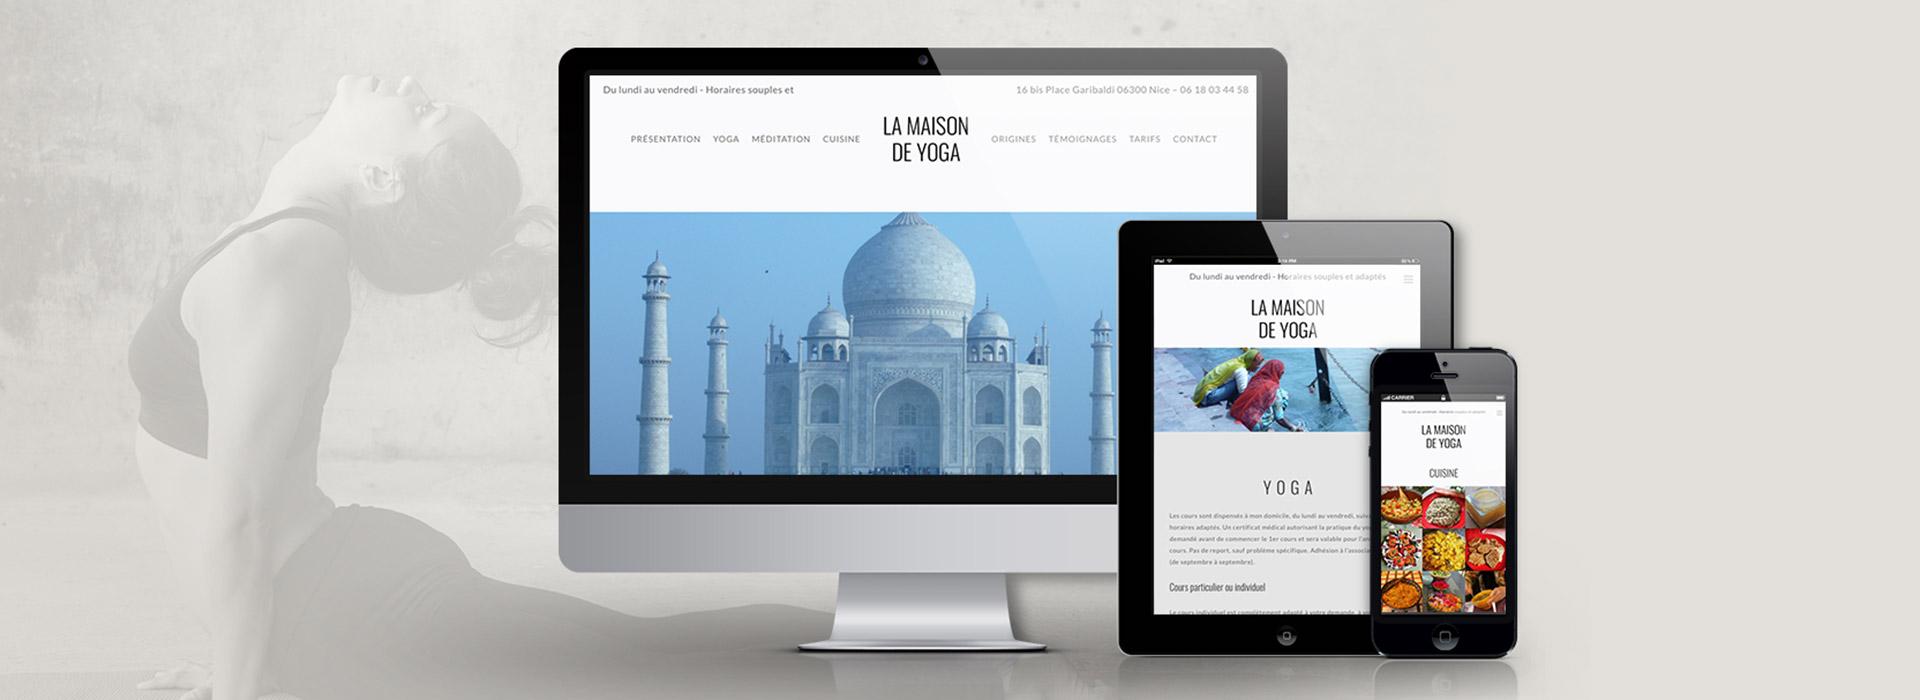 http://agence-communication-site-internet-lamaisondeyoga-paysage